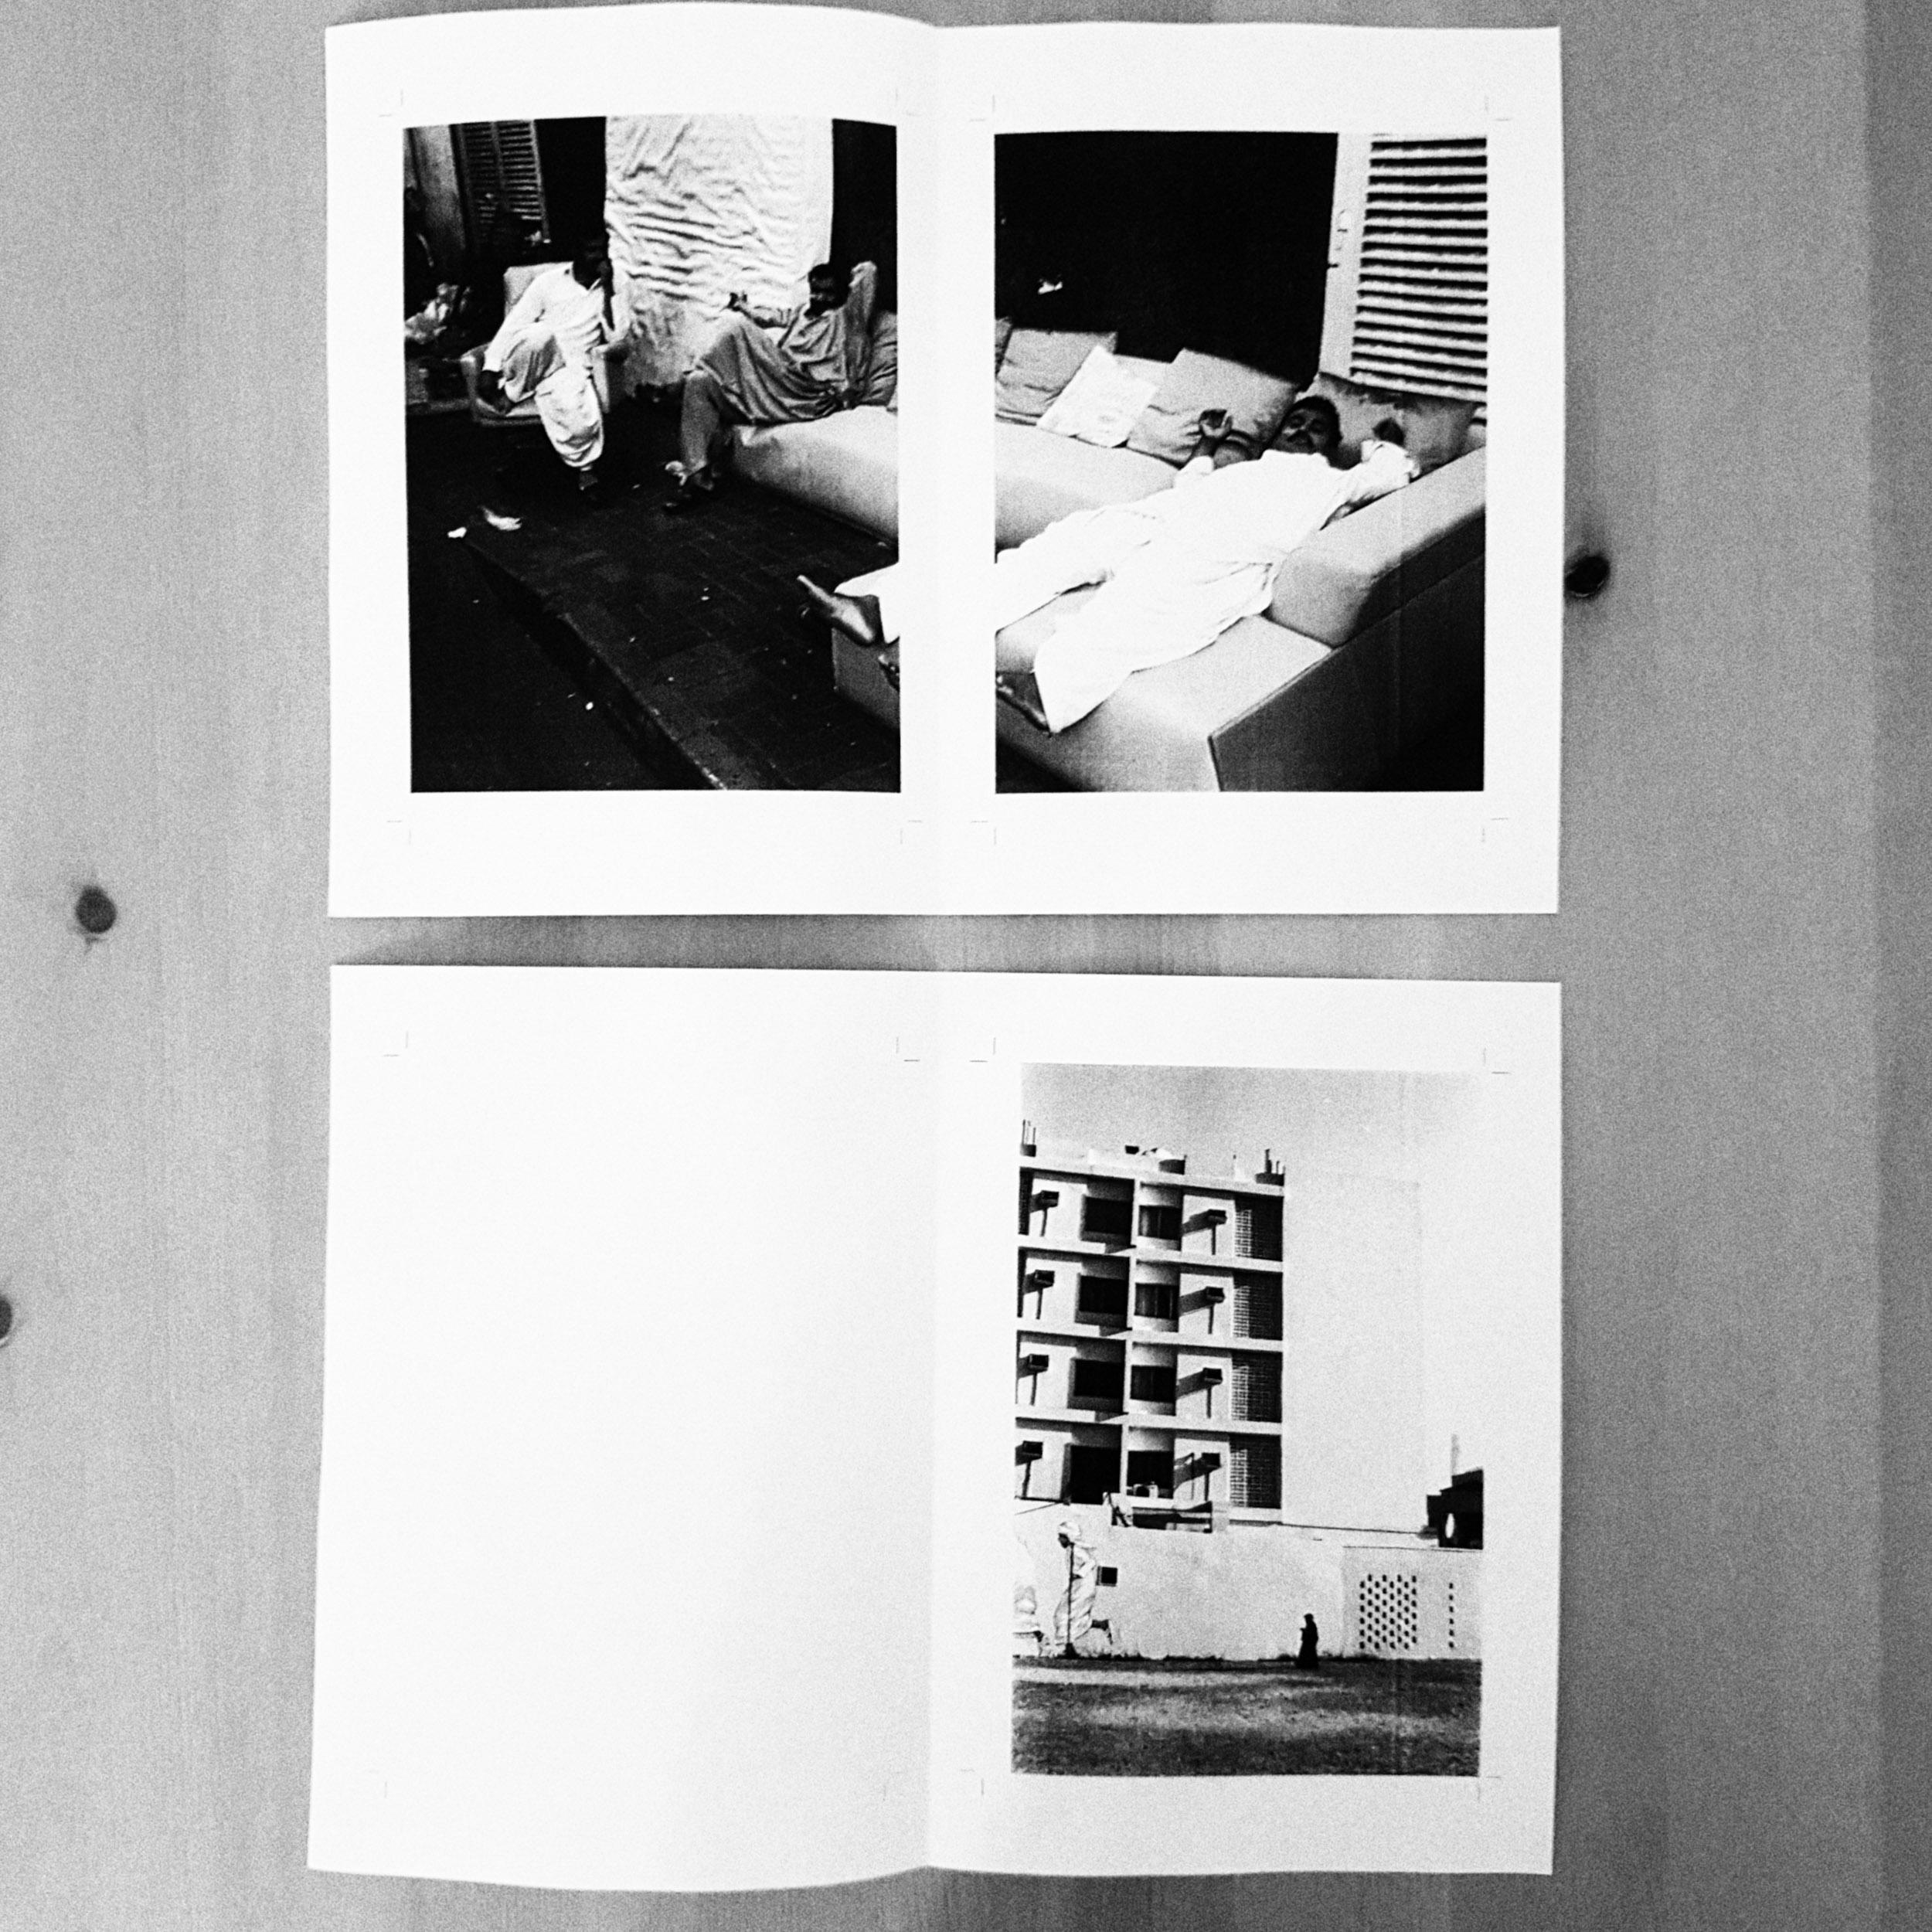 WOF_photobook-blog-11.06.18-s (13 von 25).jpg